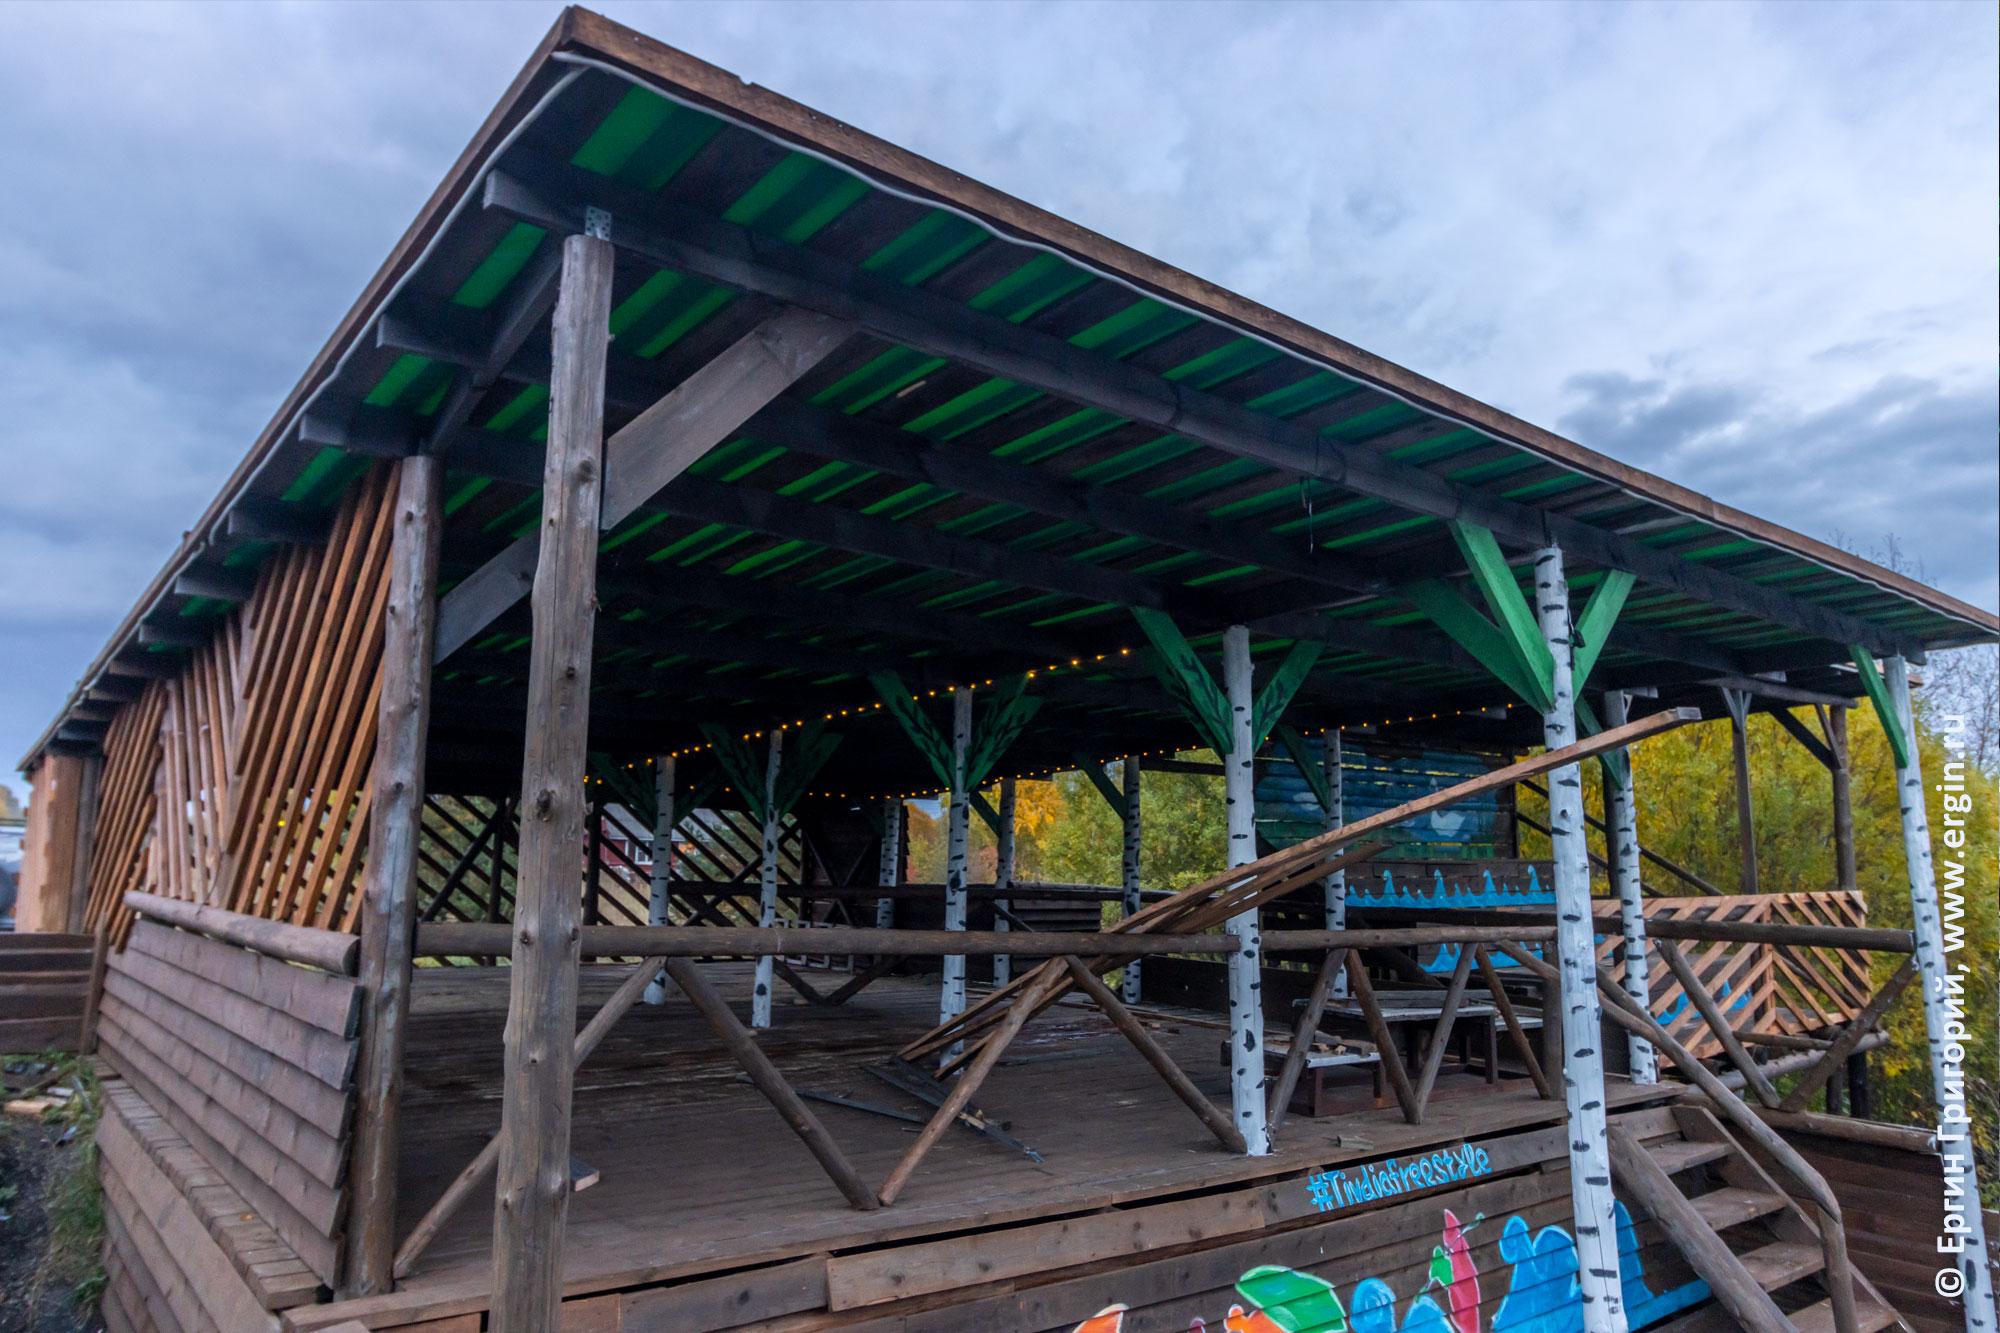 Судейская для соревнований по фристайлу на бурной воде в Тивдии после ремонта